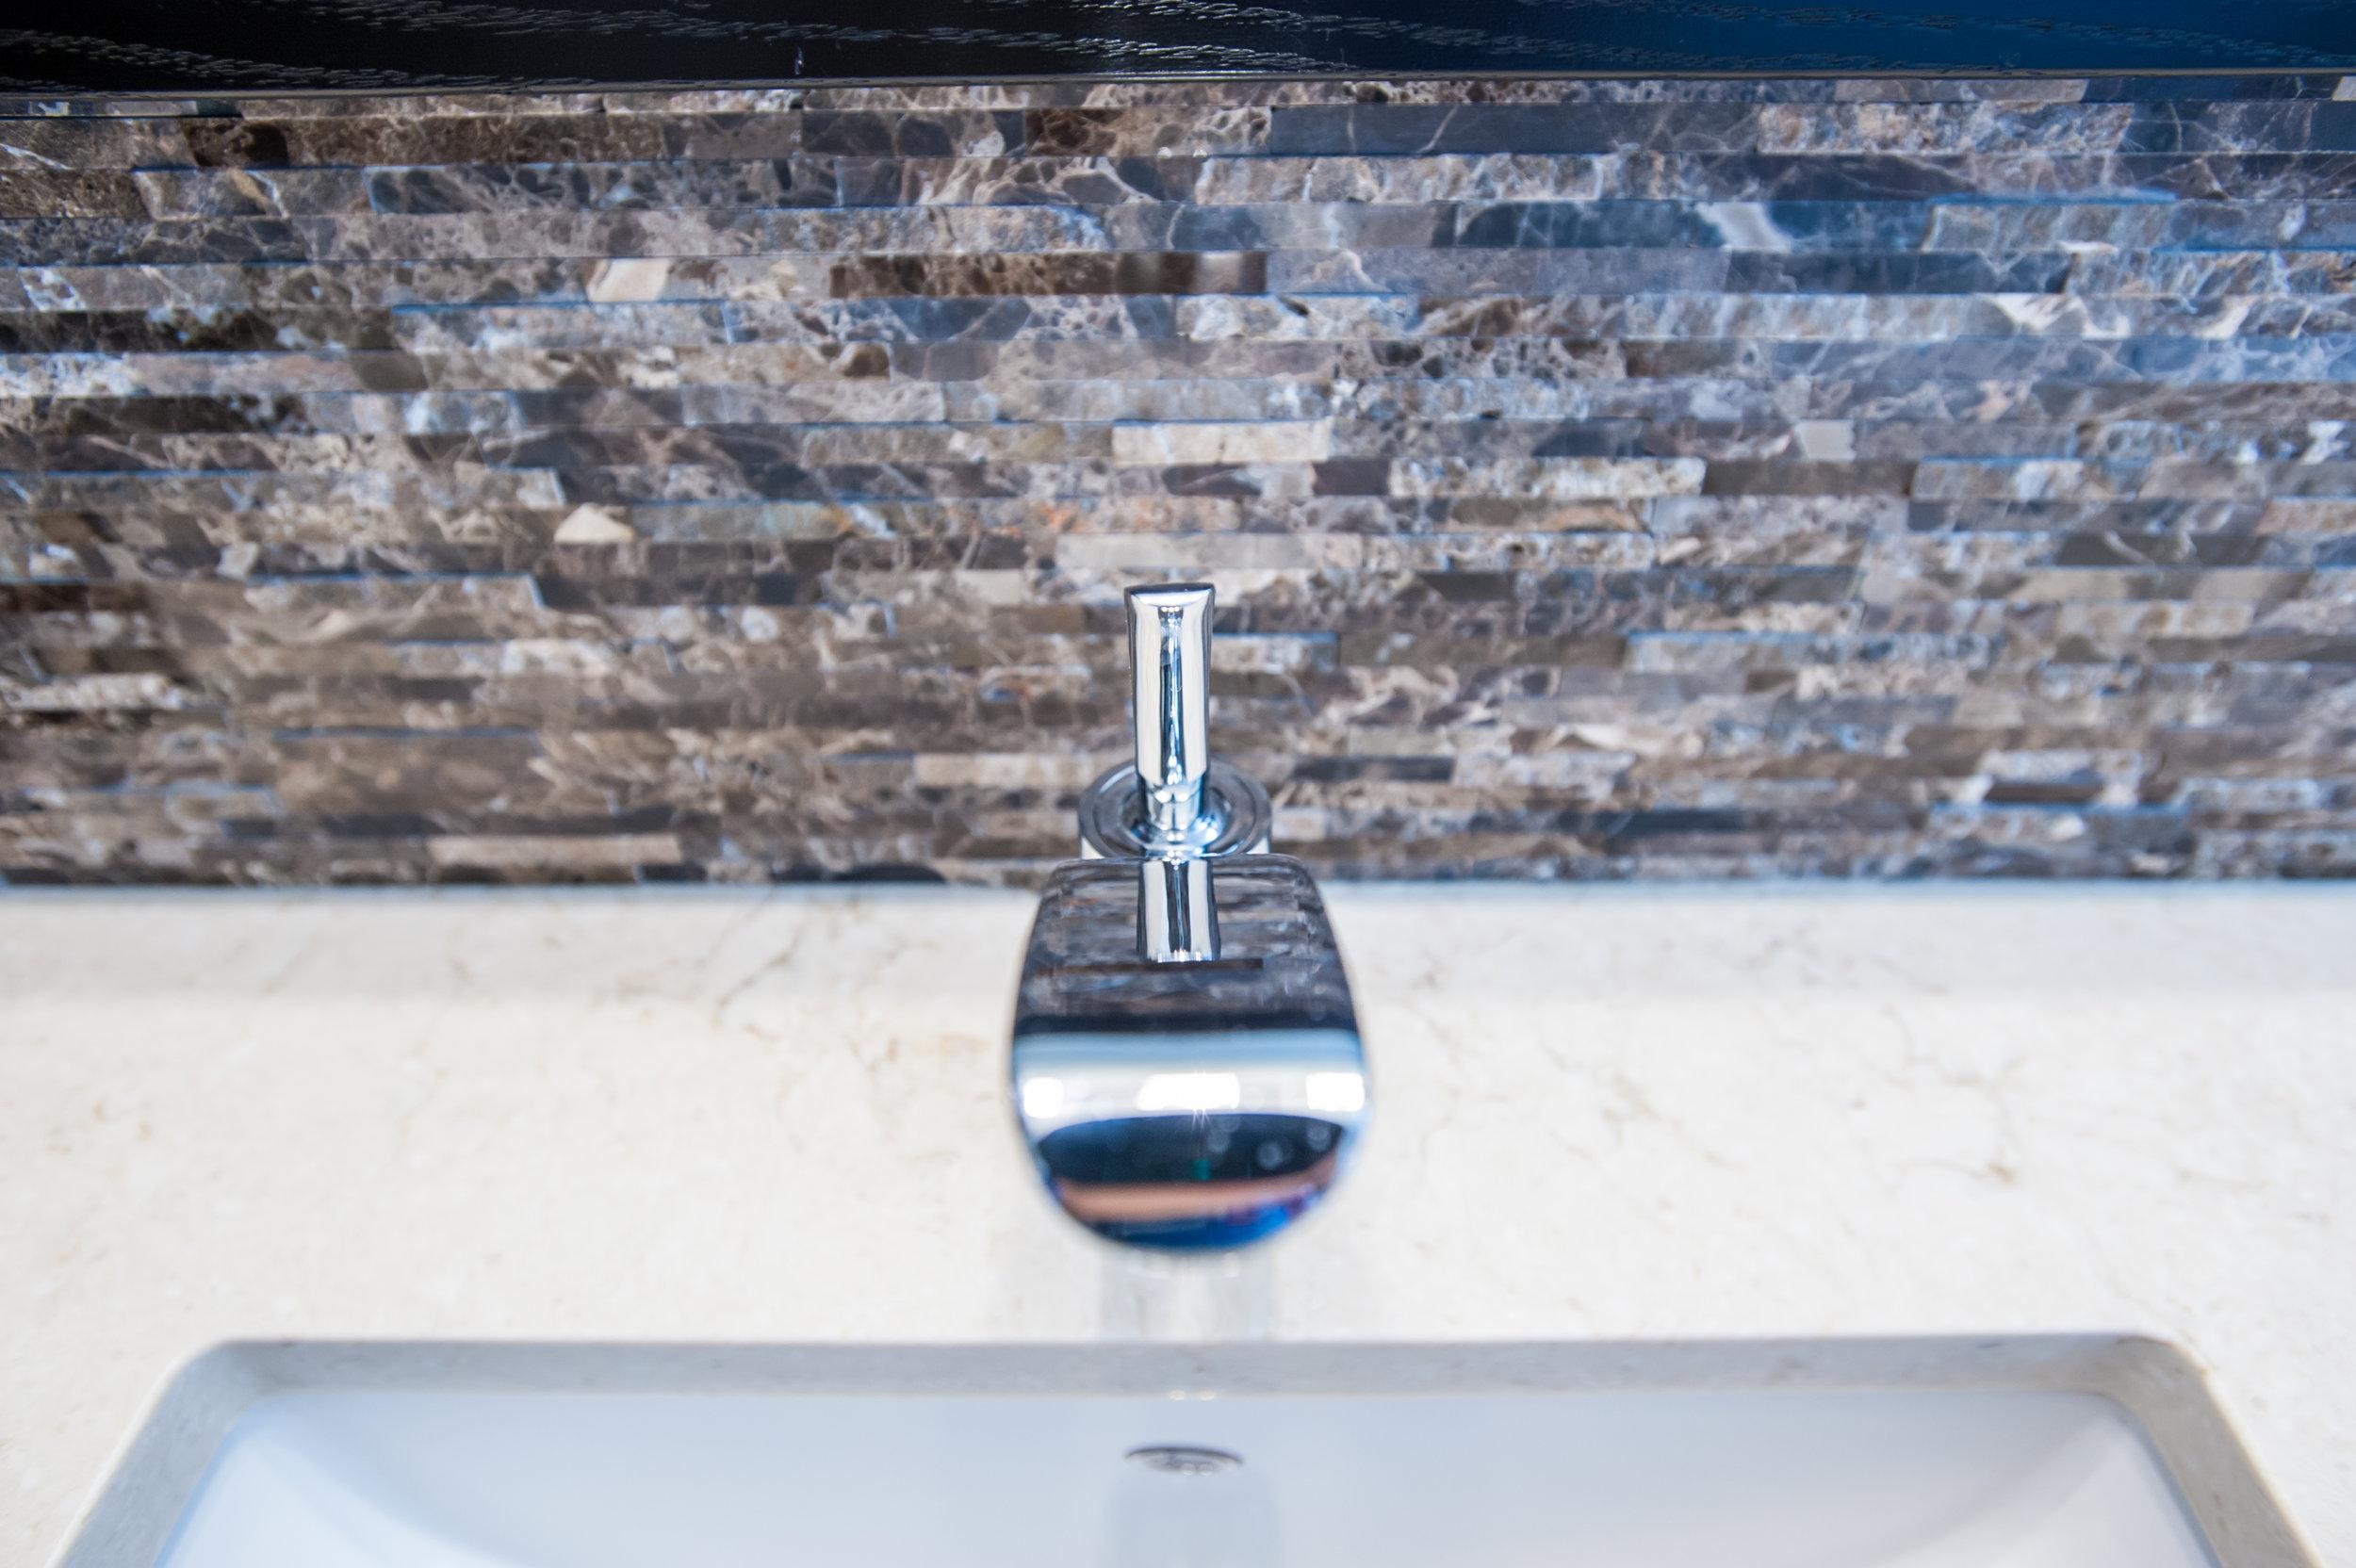 faucet_split_face_stone_chrome